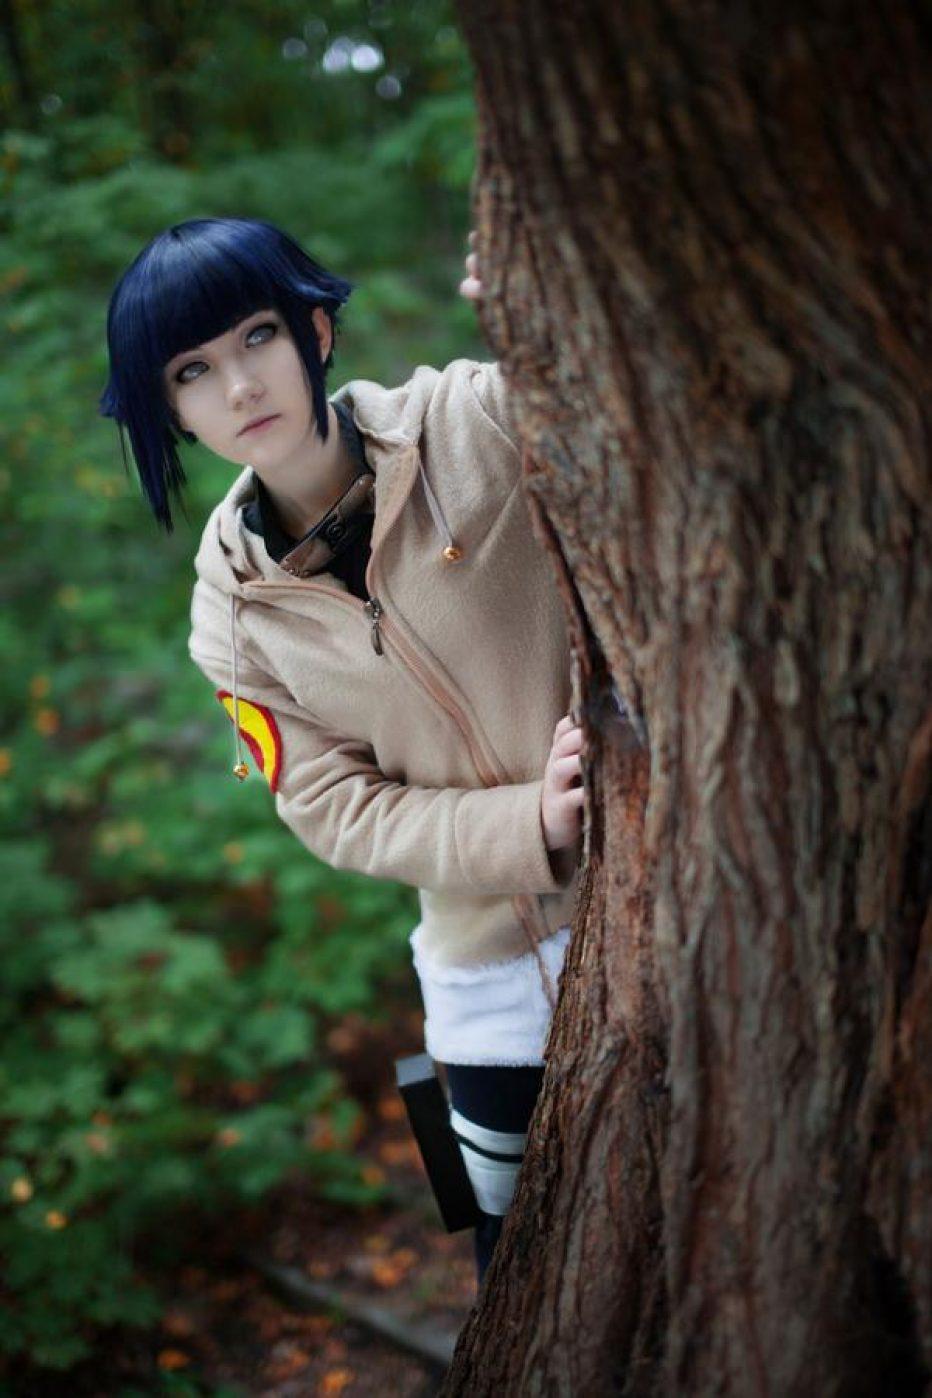 Naruto and hinata cosplay